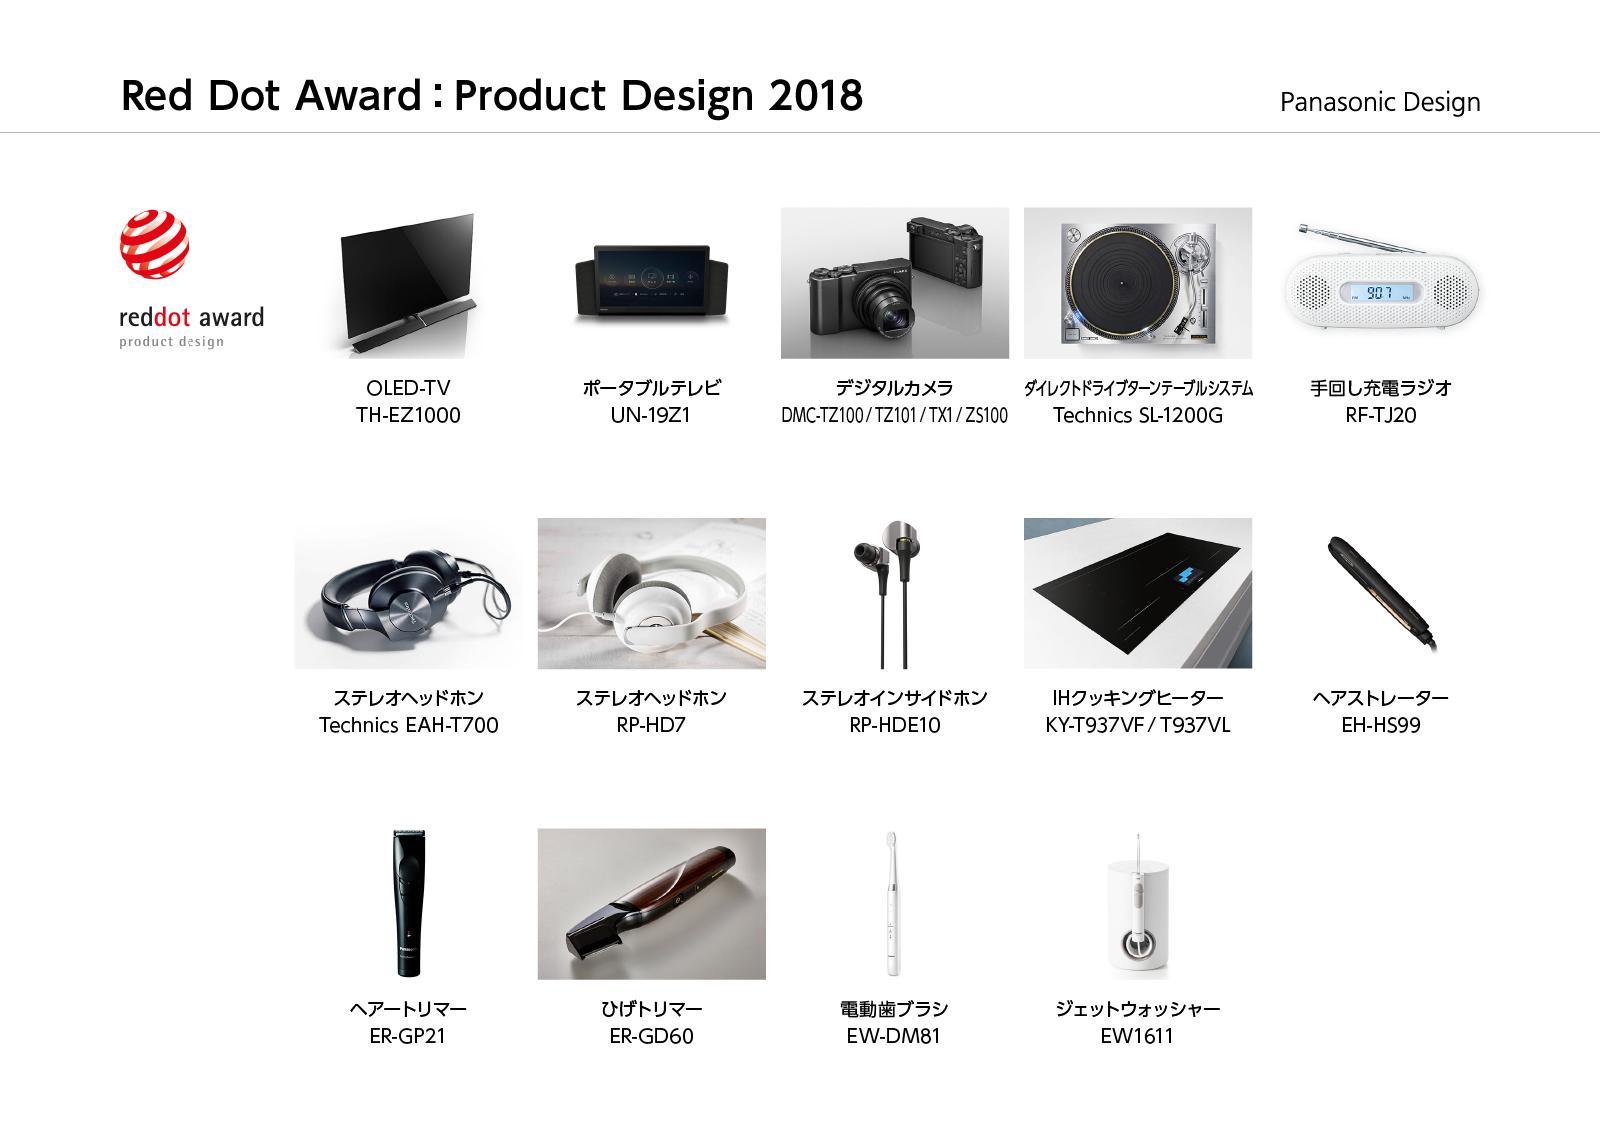 「レッド・ドット・デザイン賞」のプロダクトデザイン部門でパナソニック製品14点が受賞